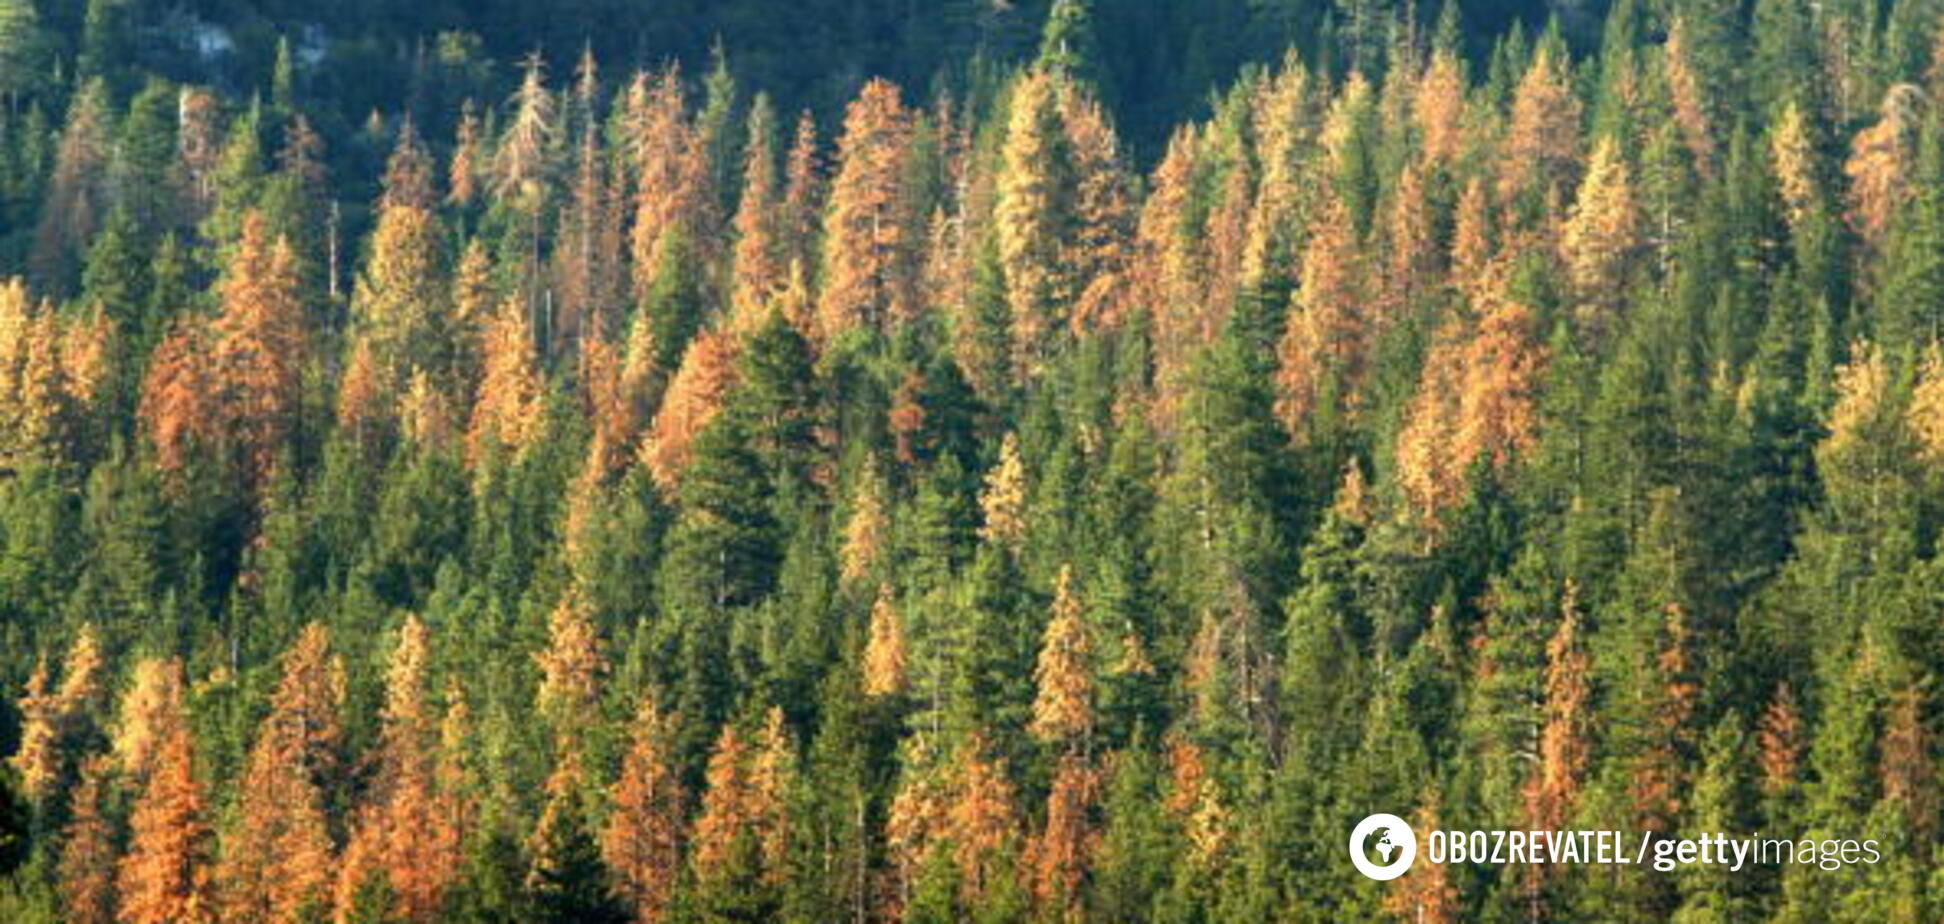 ''Это законно'': губернатор Херсонщины объяснил вырубку леса в регионе